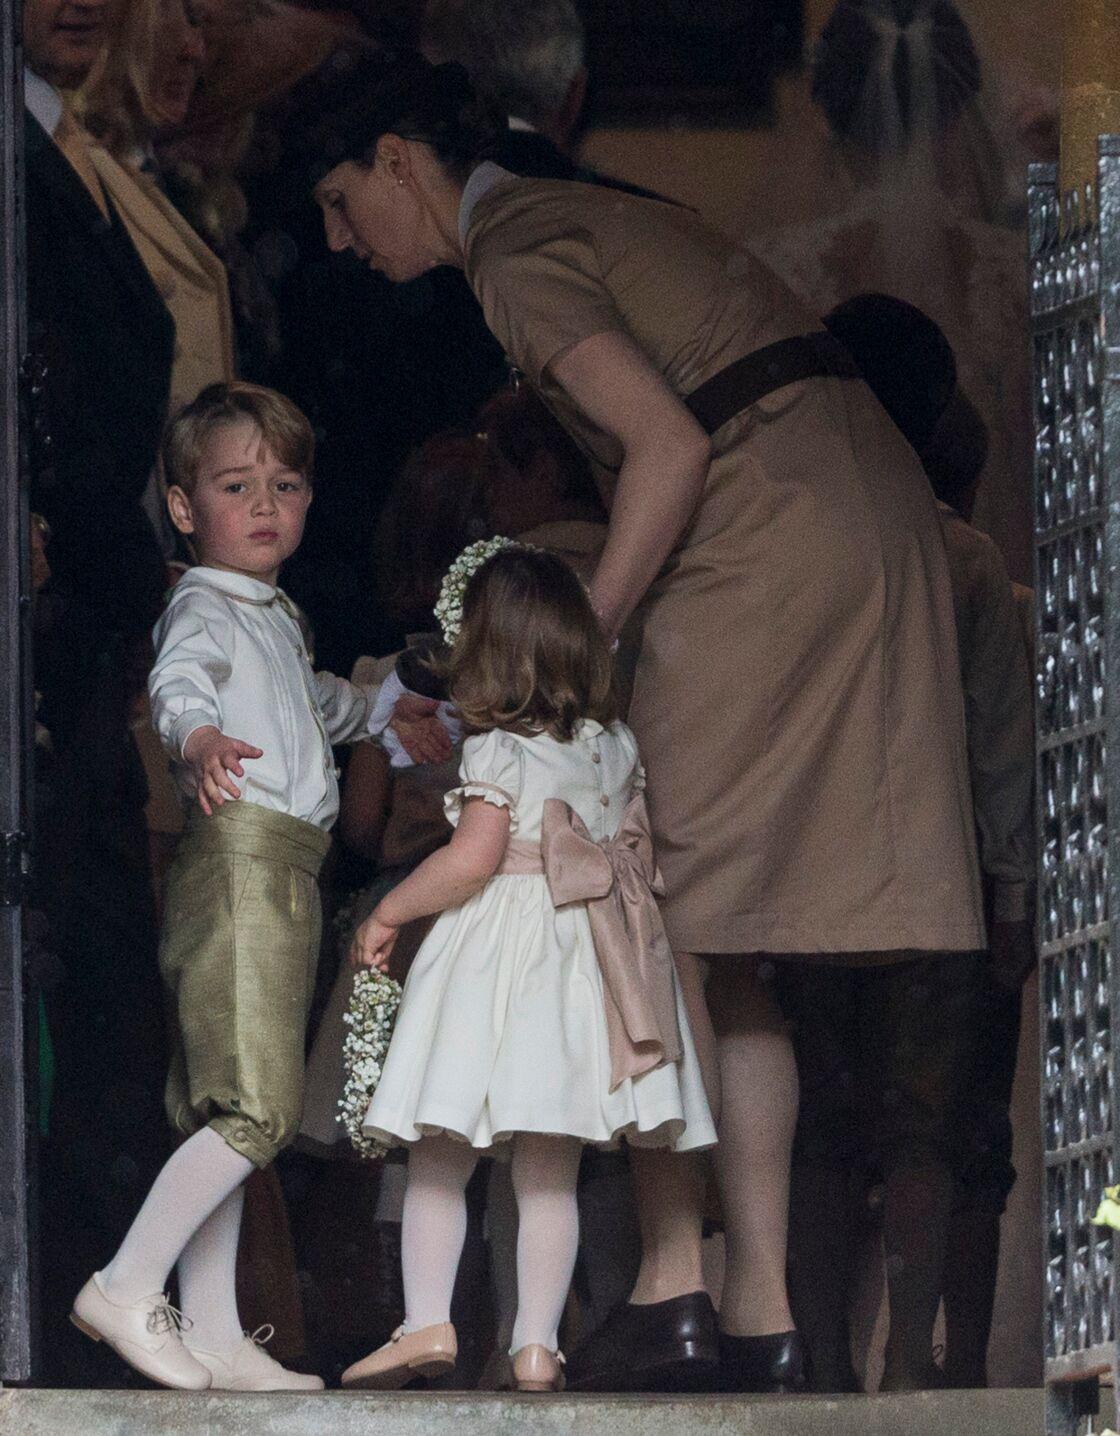 Le prince George de Cambridge, sa soeur la princesse Charlotte de Cambridge et la nounou Maria Borrallo - Mariage de P. Middleton et J. Matthew, en l'église St Mark Englefield, Berkshire, Royaume Uni, le 20 mai 2017.